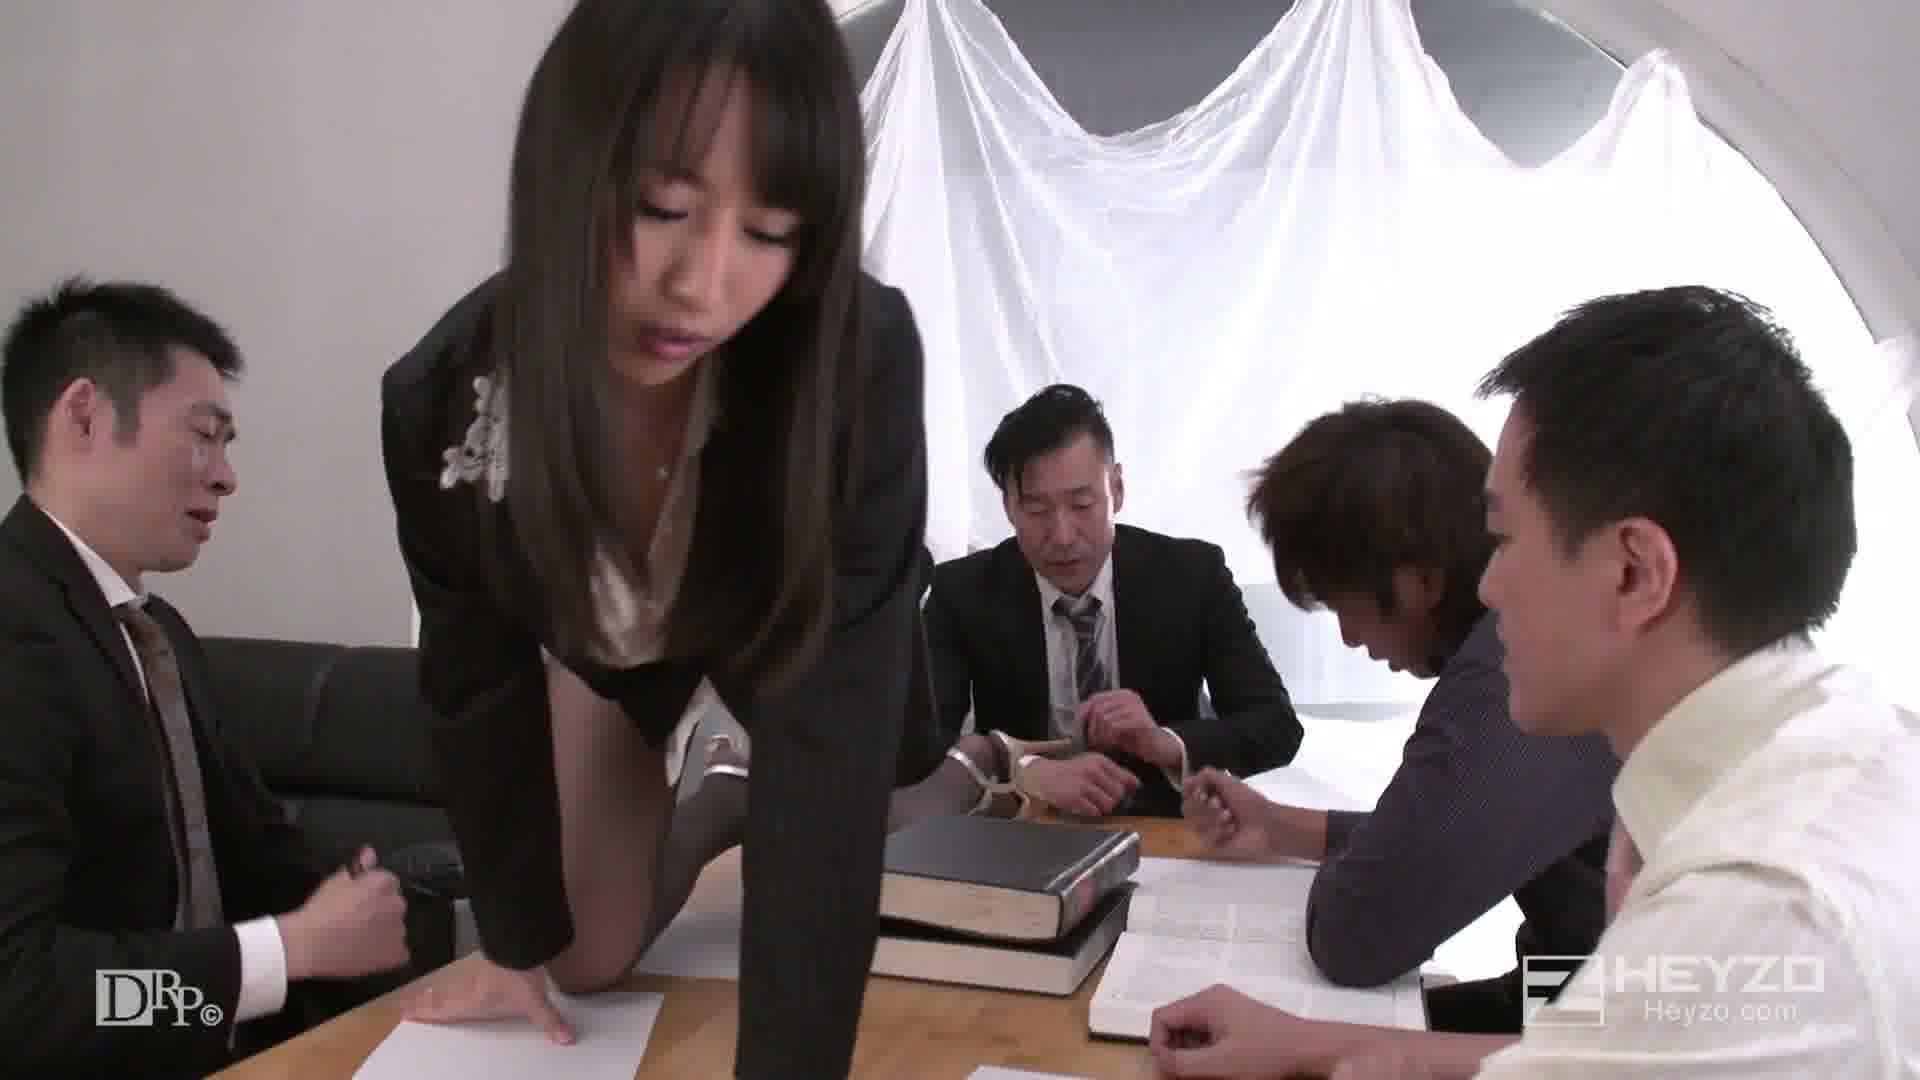 狂乱爆乳秘書~会議中に欲情する不埒な女~ - 星咲優菜【フェラ、潮吹き、パイズリ】